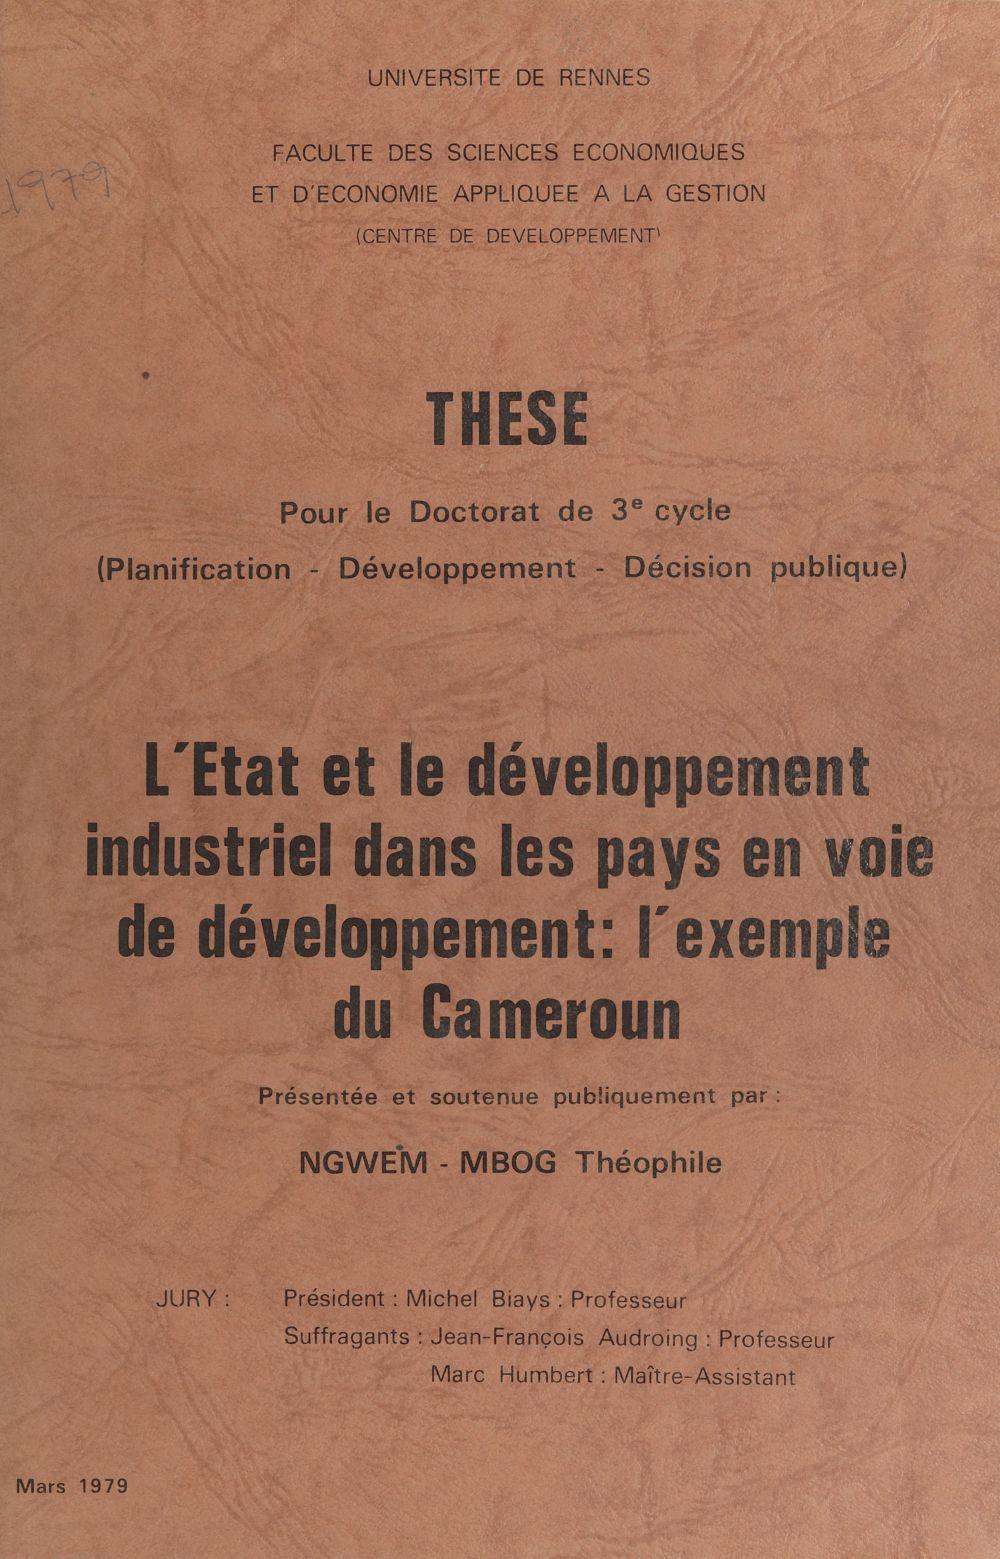 L'État et le développement industriel dans les pays en voie de développement : l'exemple du Cameroun